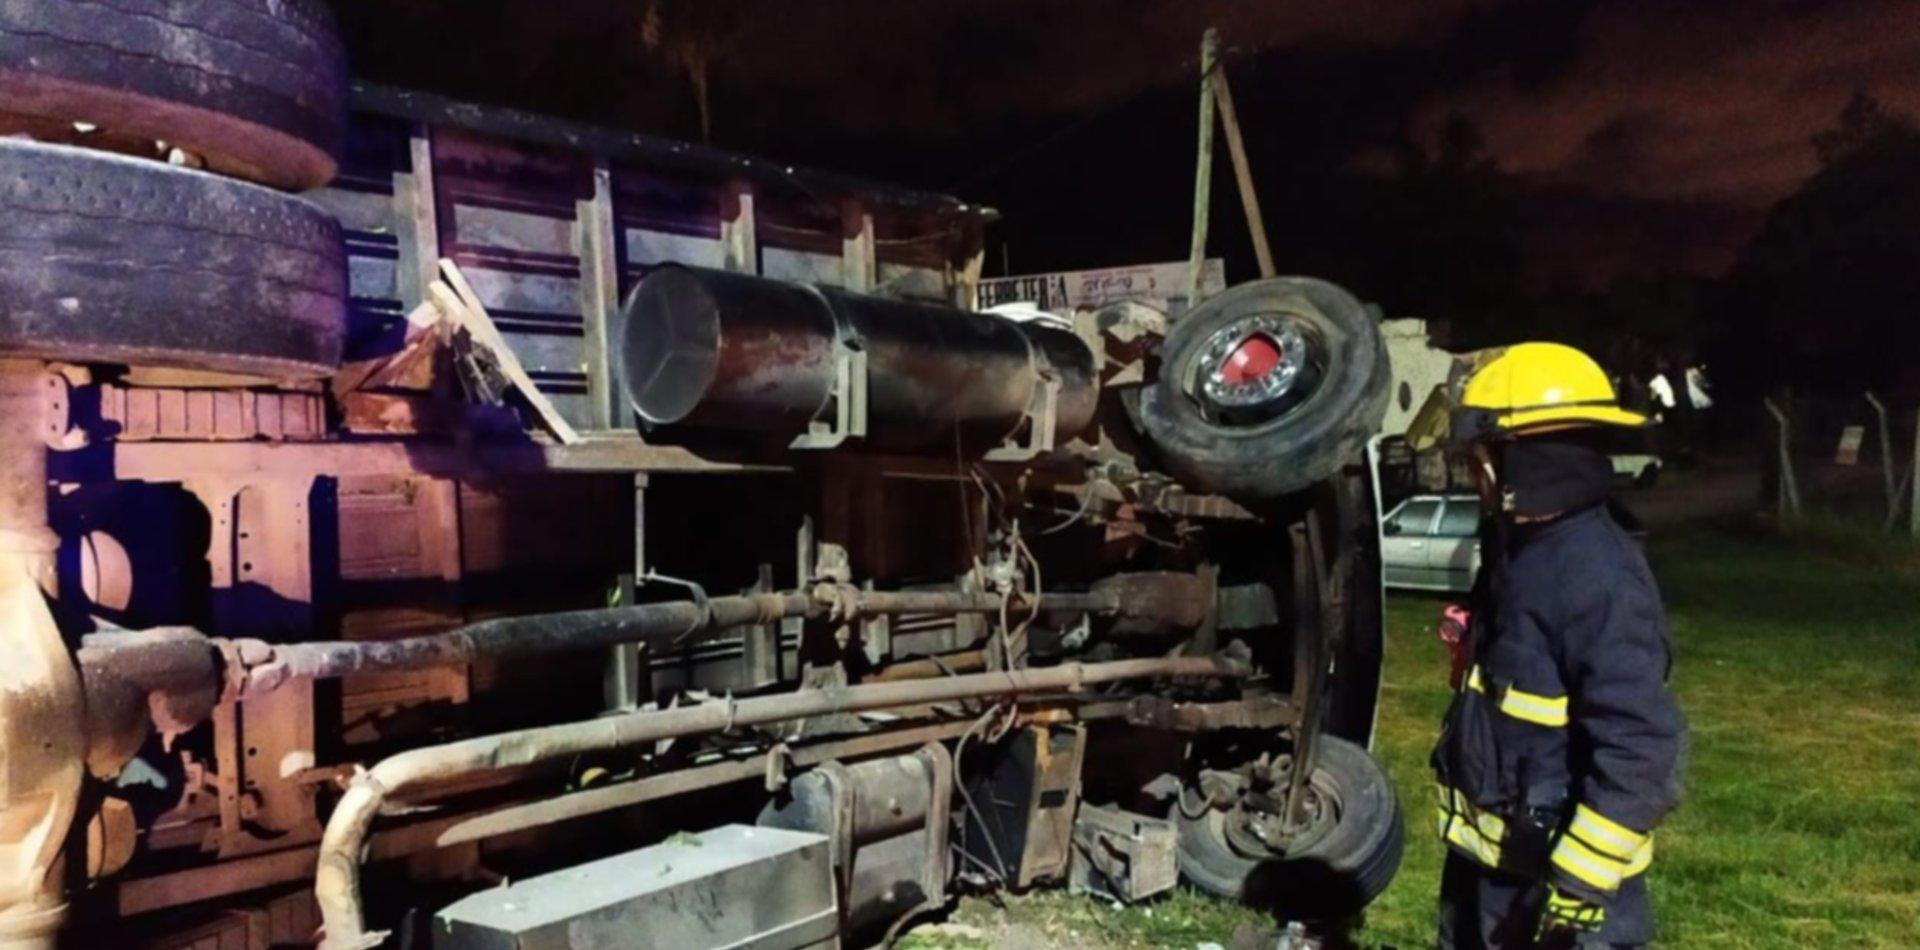 Espectacular accidente en la Ruta 2: un camión chocó contra una garita y volcó